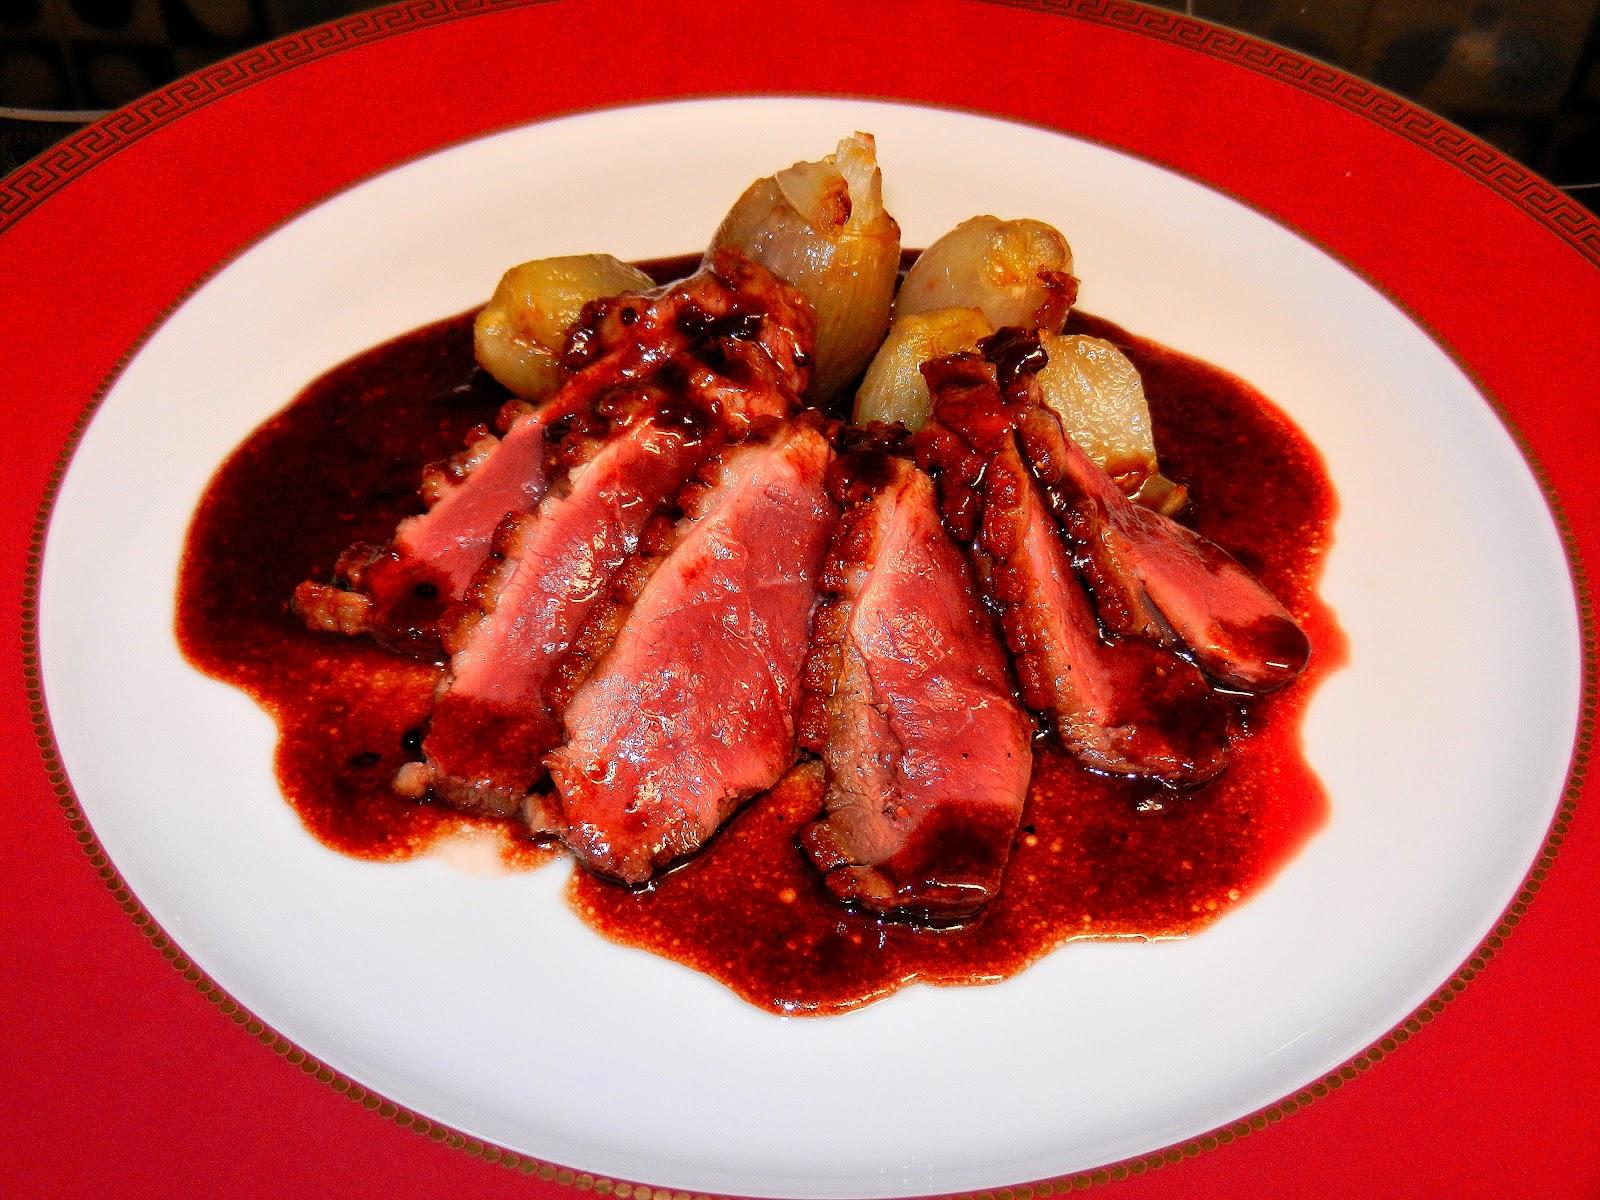 Las Mejores Recetas De Salsa De Frutos Rojos ~ Solomillo Wellington Masterchef Receta